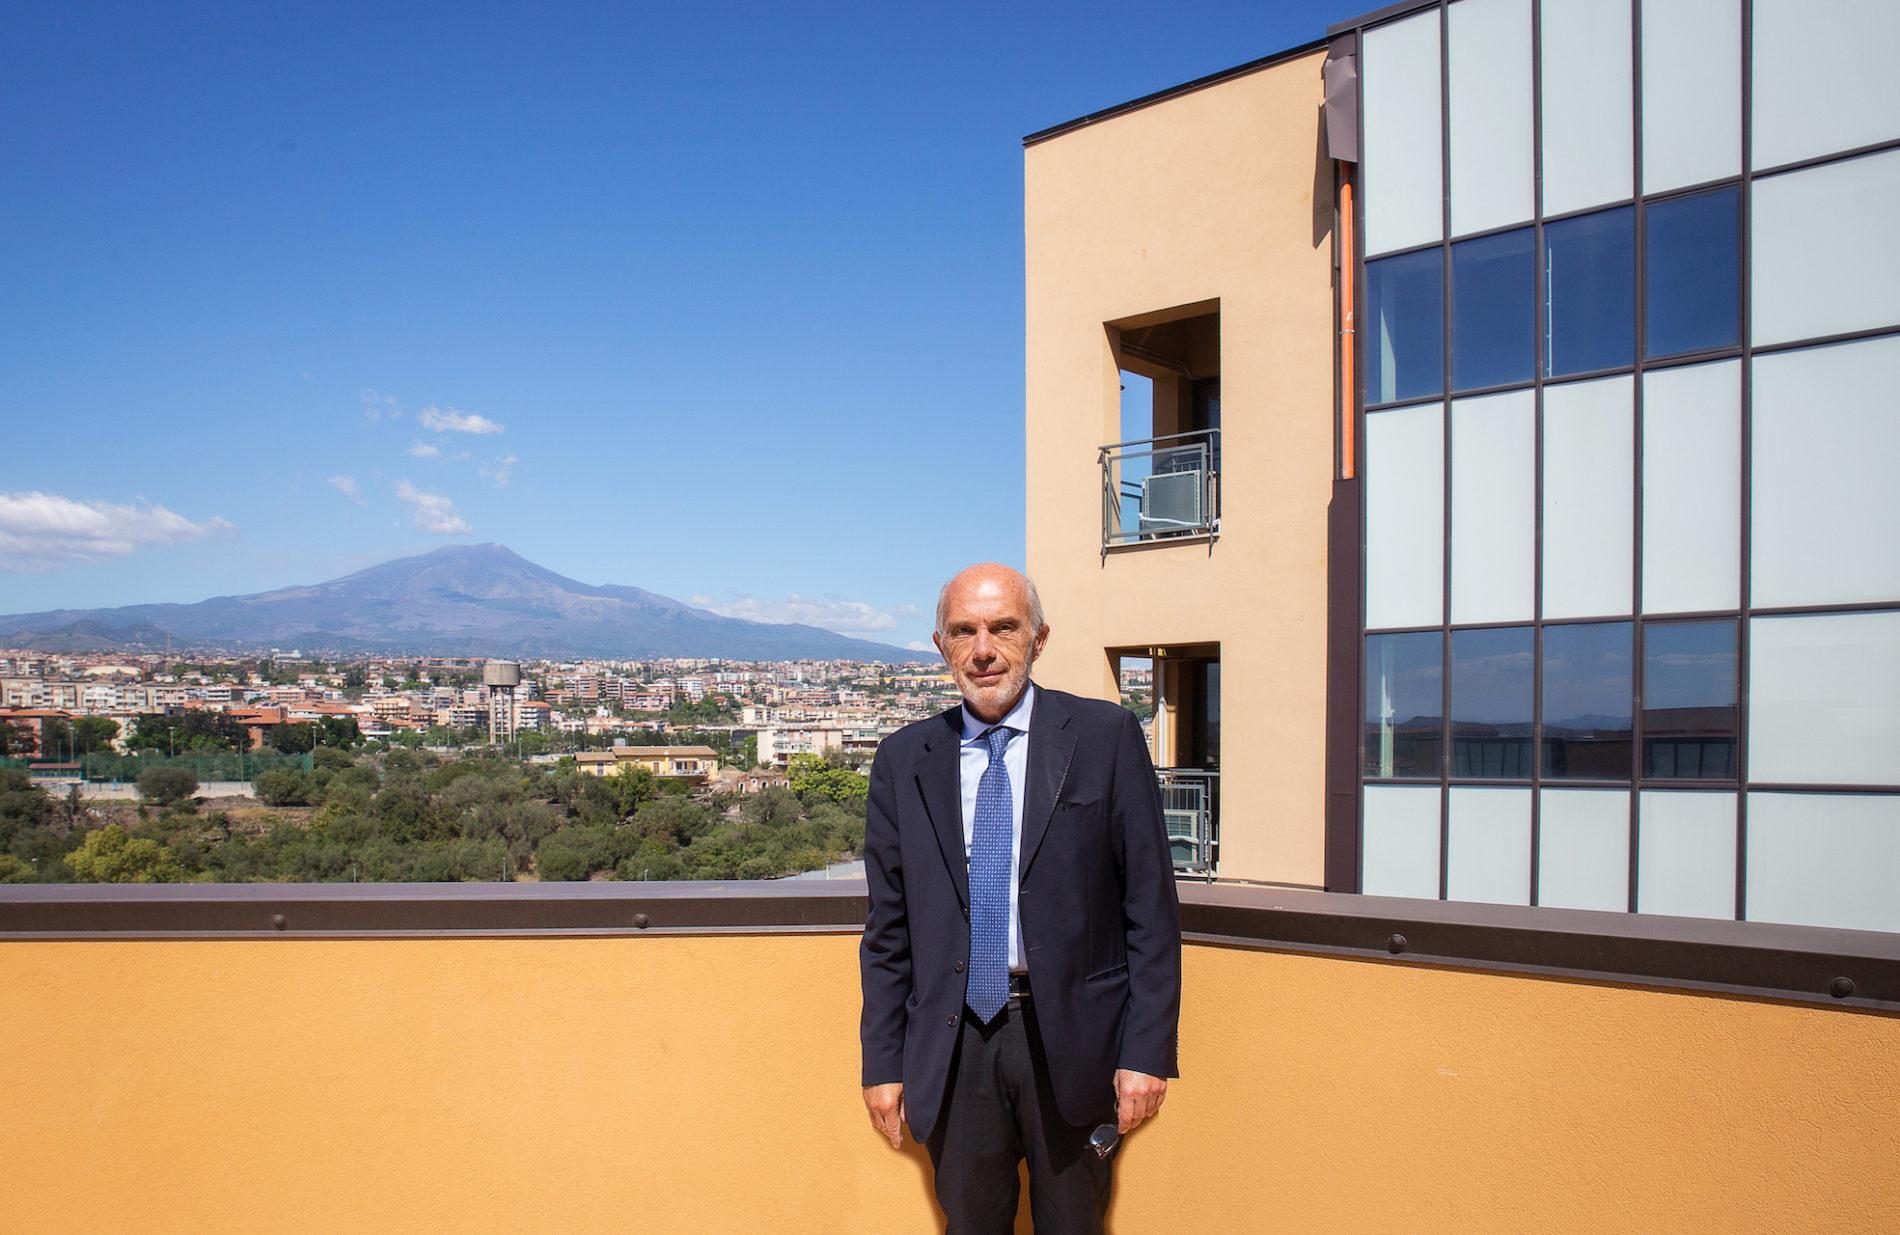 Presentazione progetti CoEHAR – l'intervento del Rettore Basile